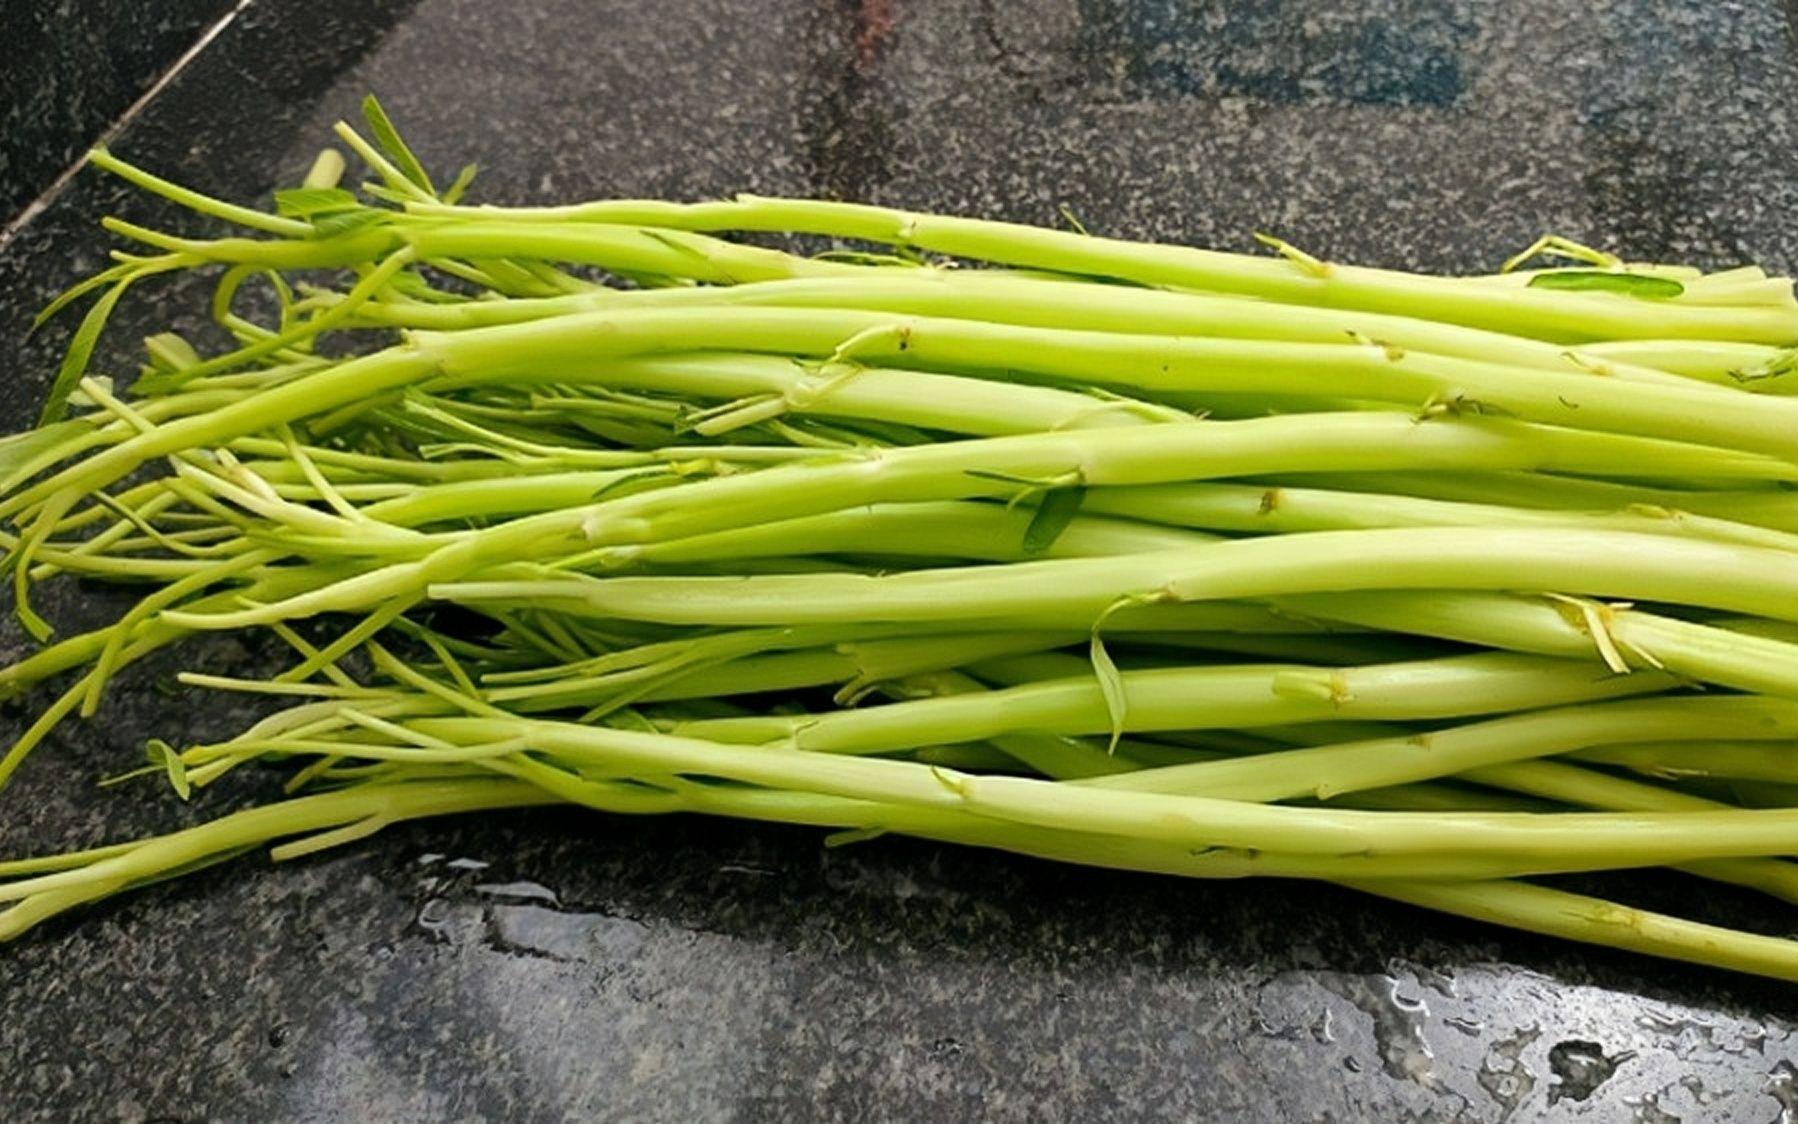 2块钱一把空心菜梗,广西人吃出新花样来,翠绿爽口,好吃开胃